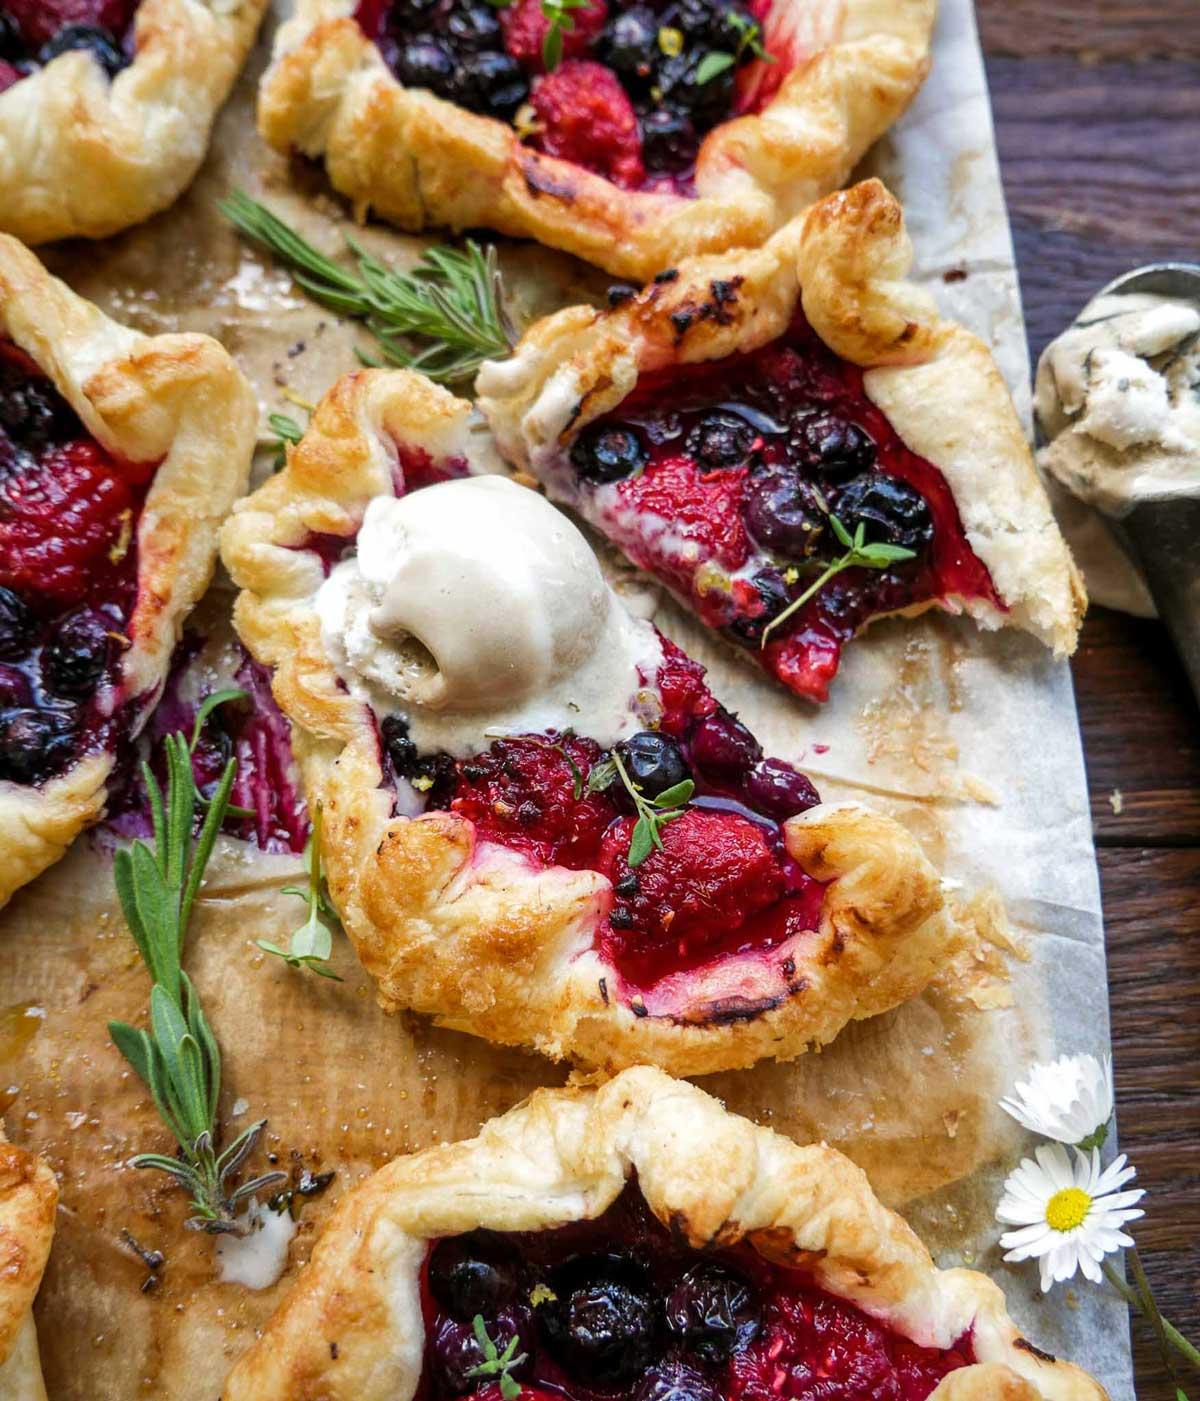 små butterdejssnitter ala minitærter som dessert med blåbær og is